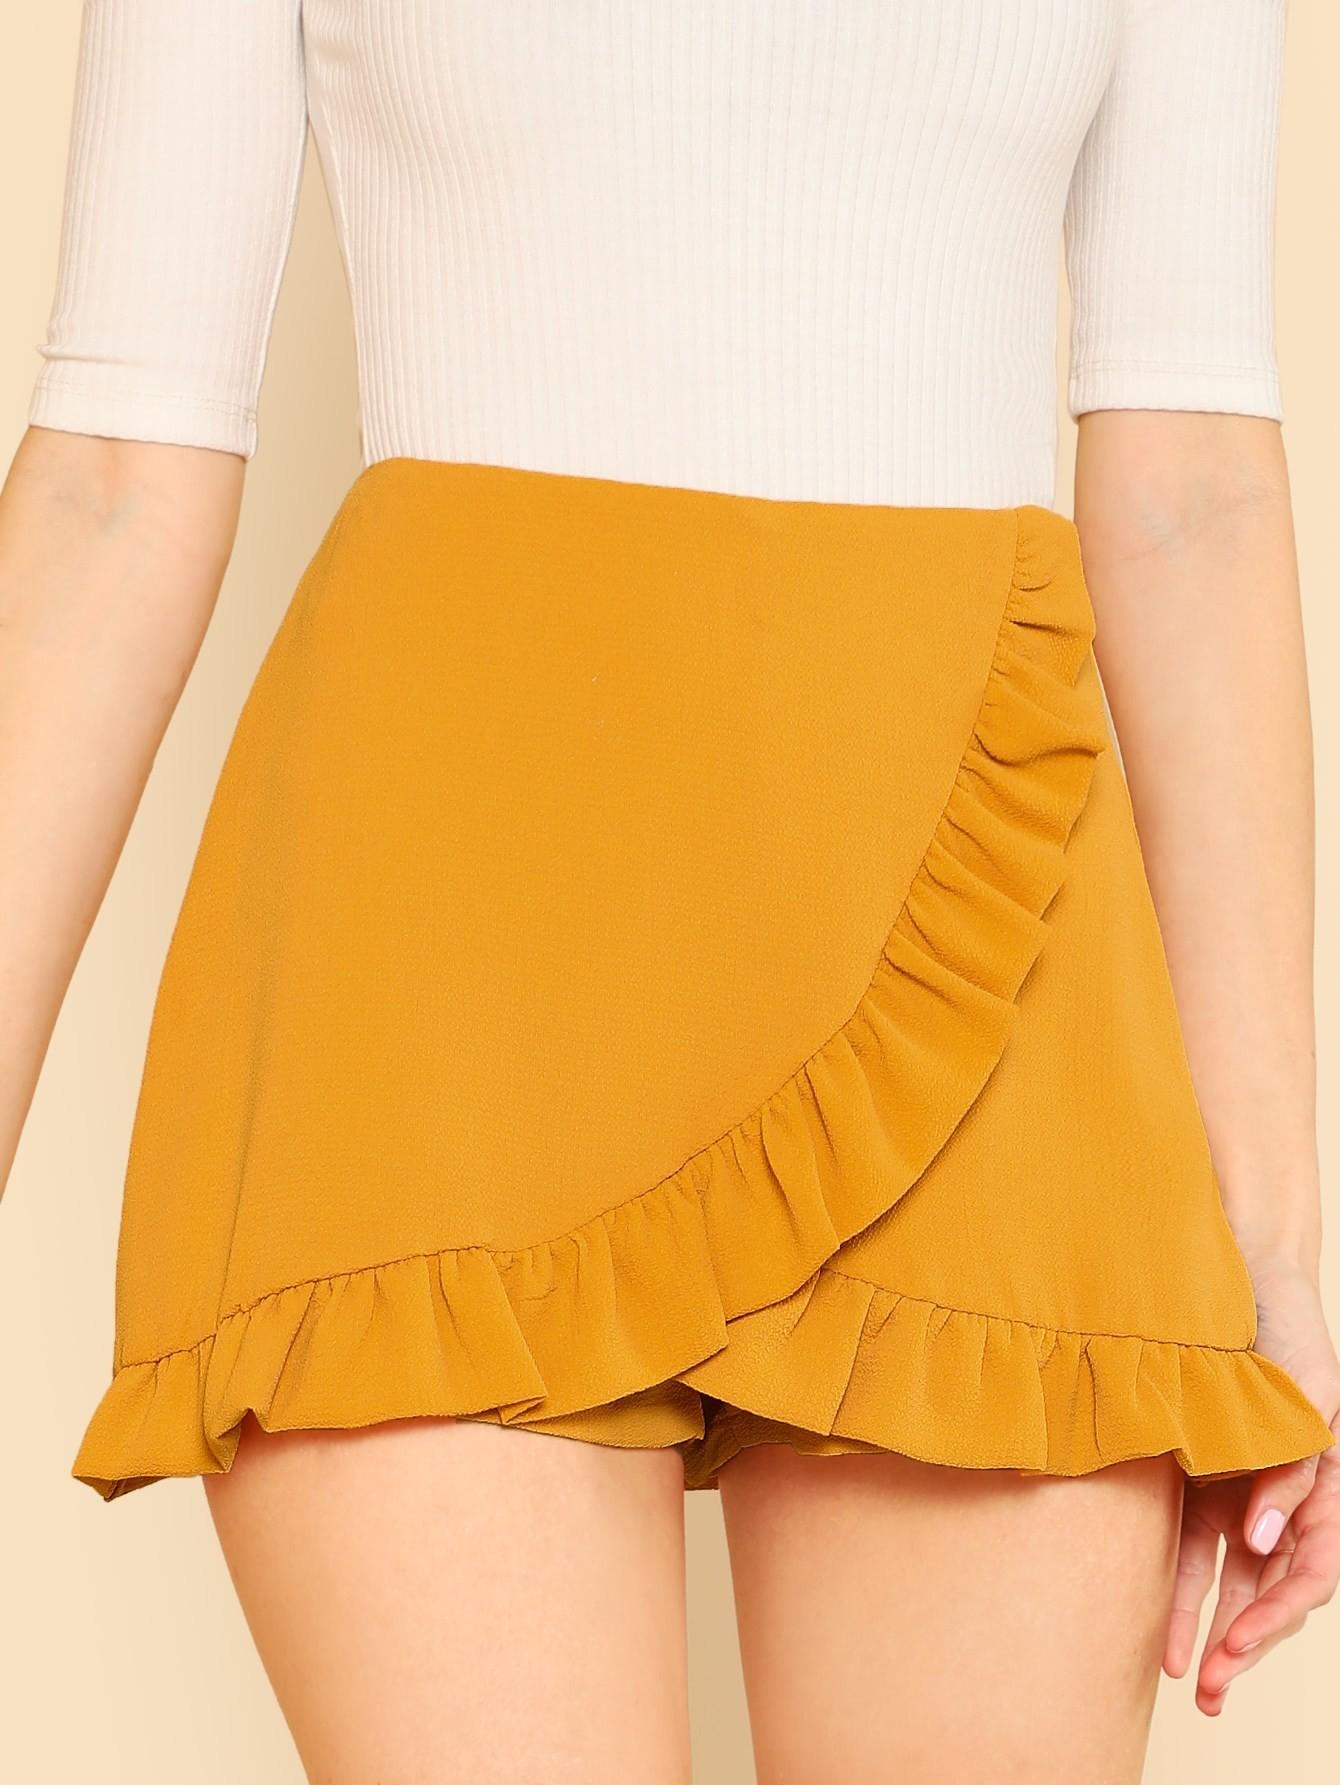 Ассиметричная юбка шорты, Brittany Lucas, SheIn  - купить со скидкой